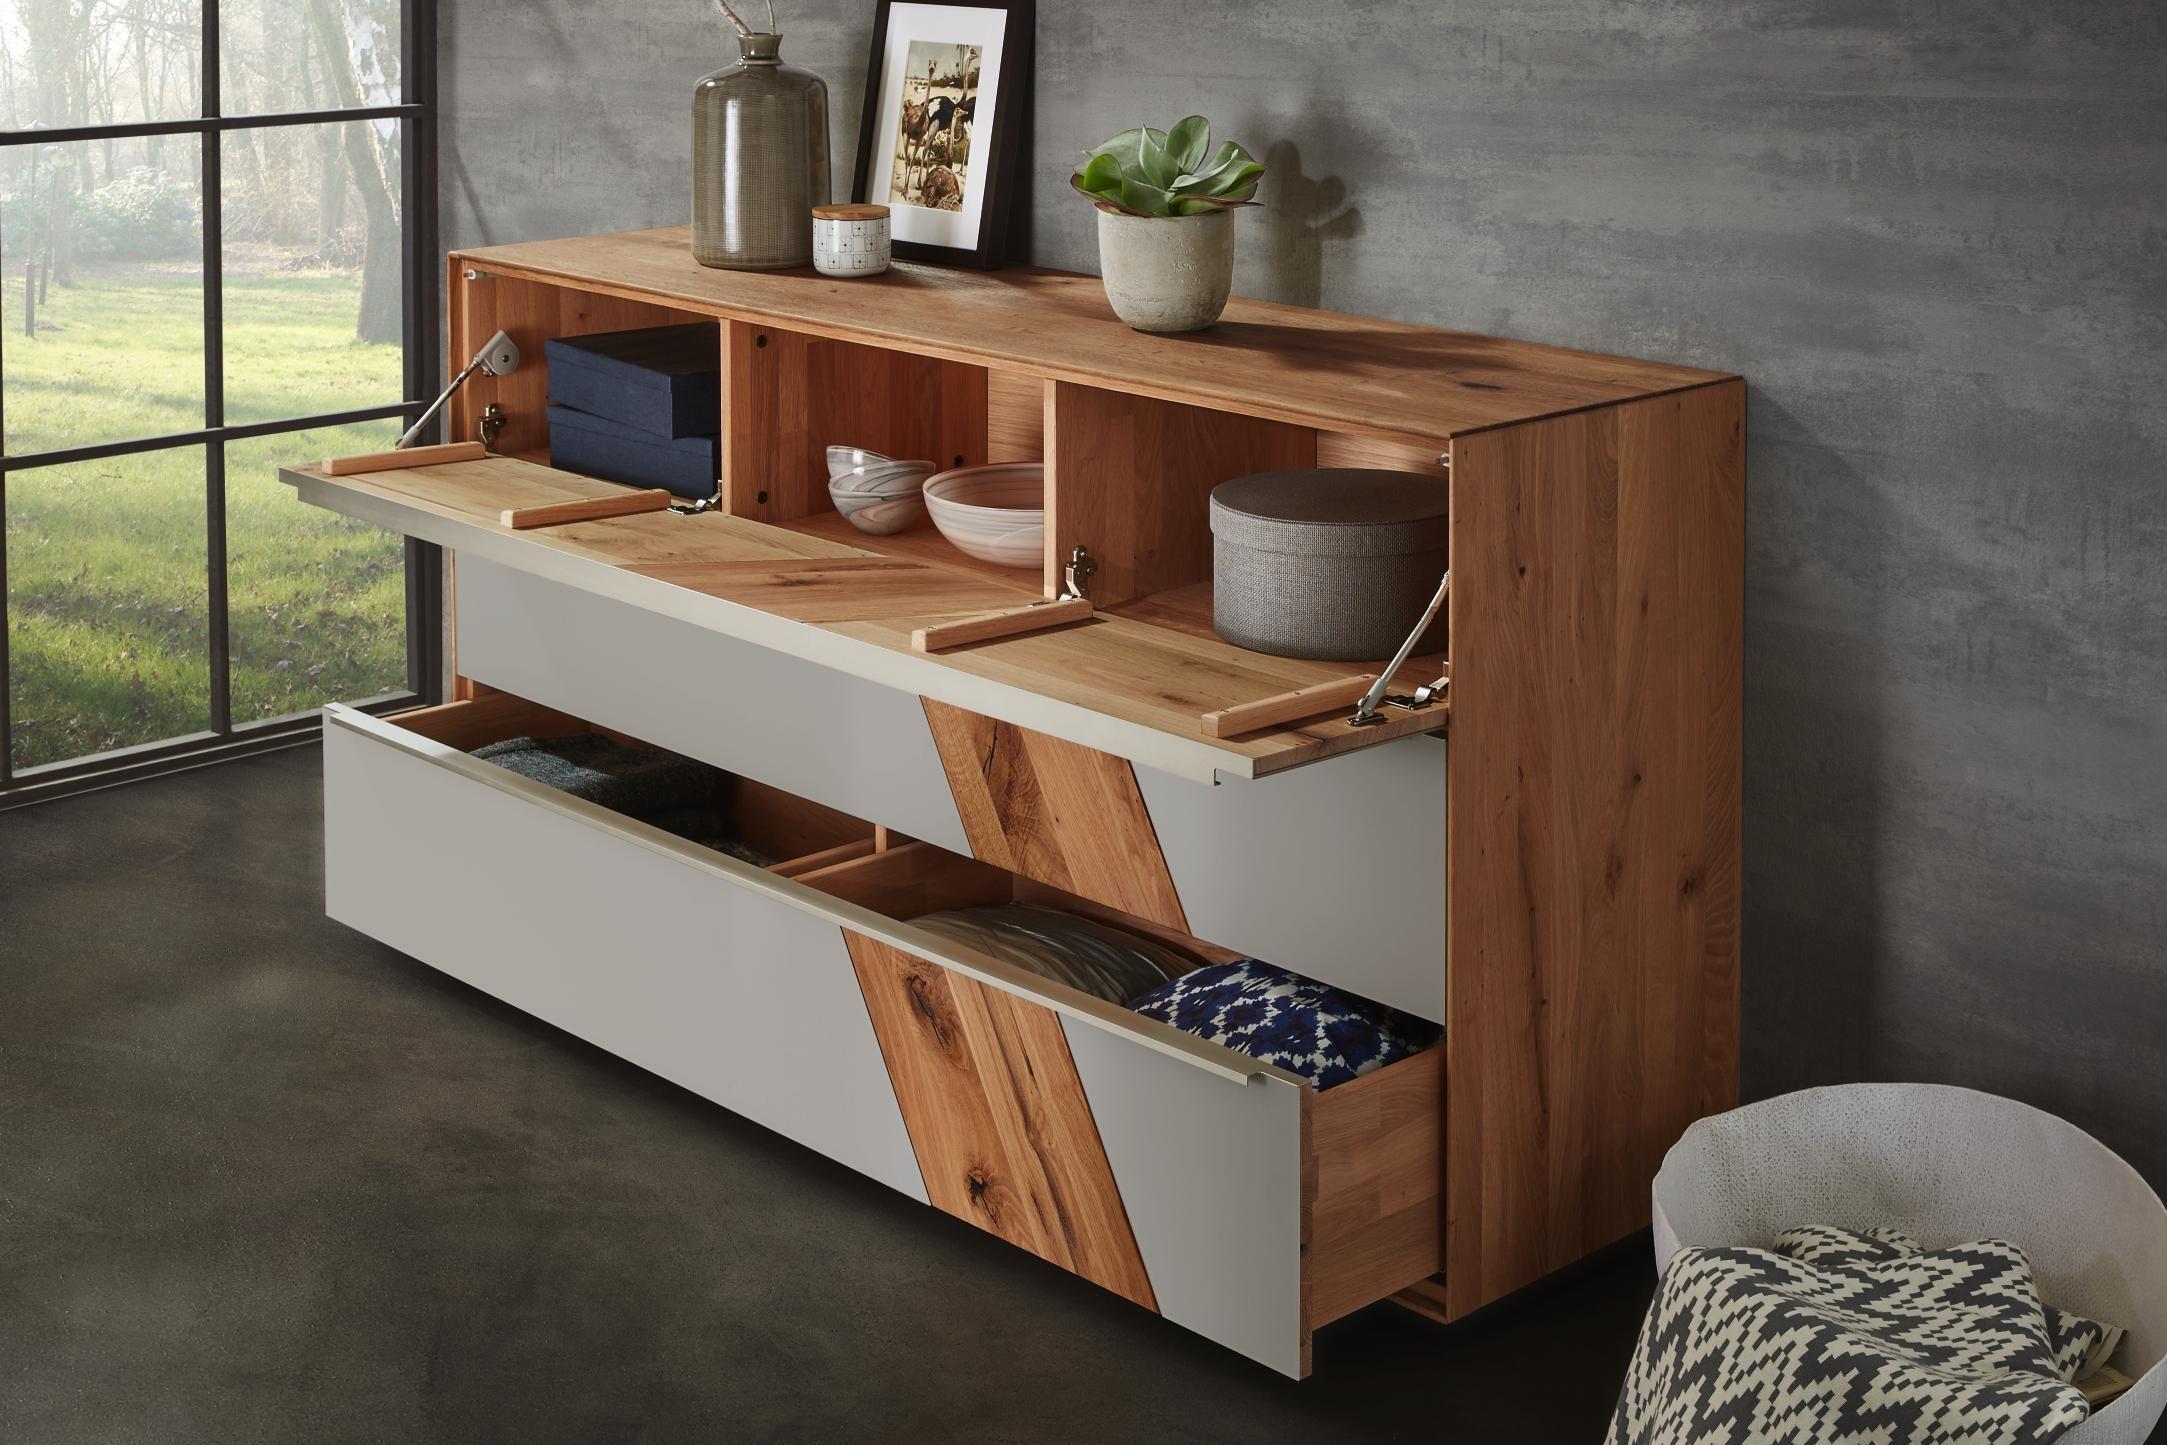 Sideboard Aus Massivholz Qualität Von Valnatura Sideboard Buche Massiv Sideboard Buche Haus Deko